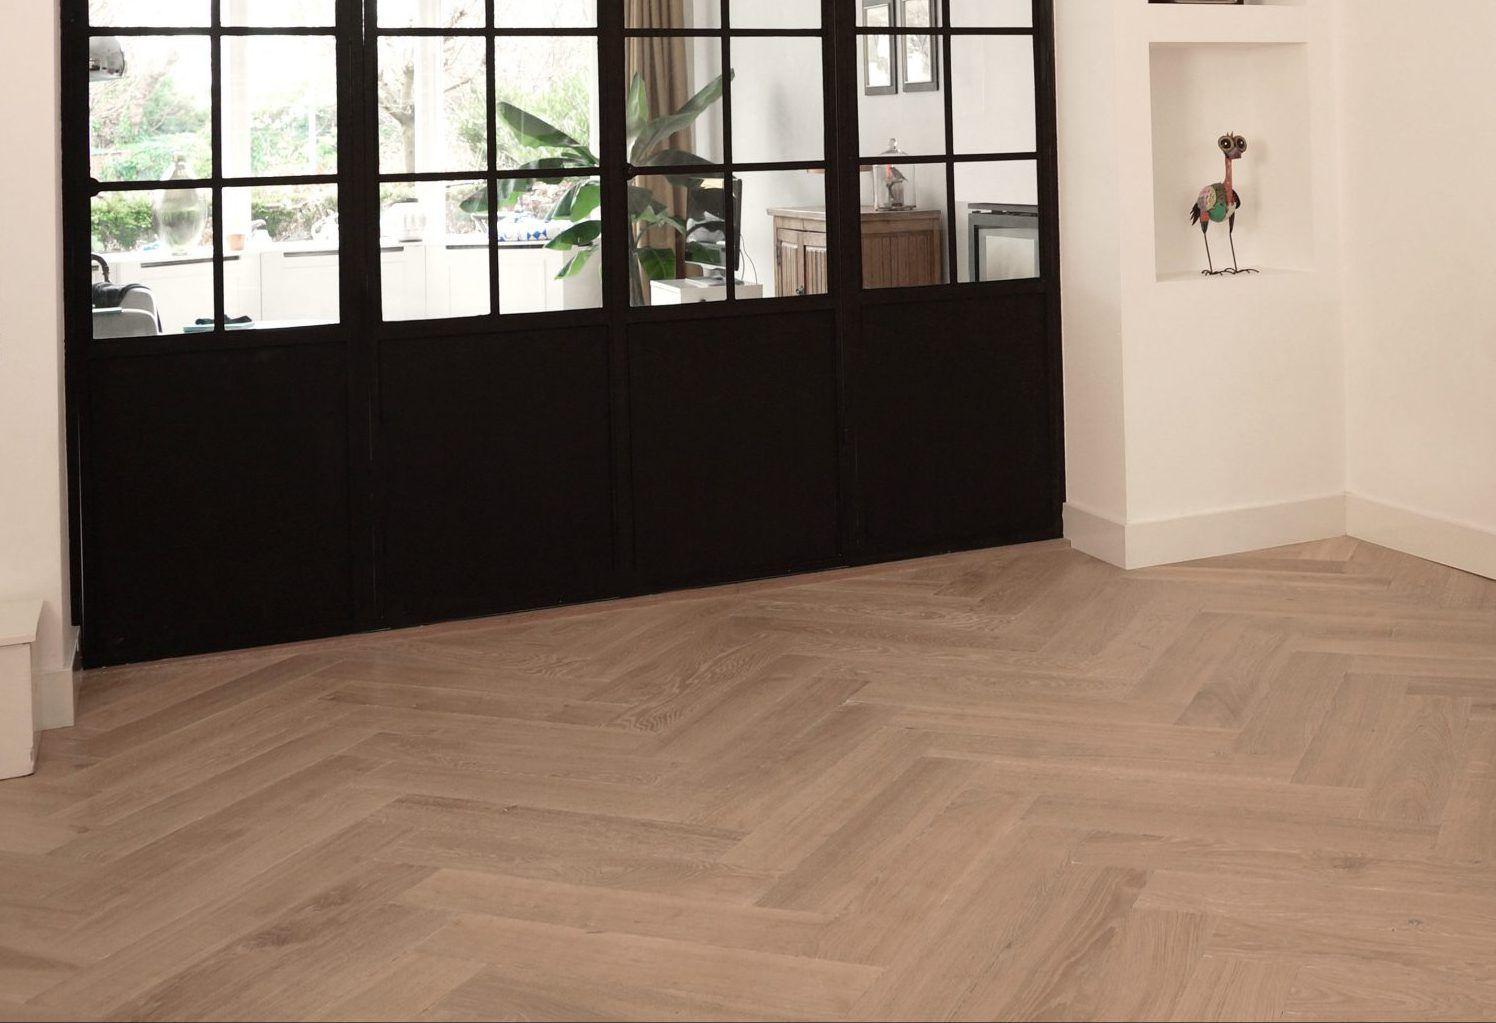 Blanke visgraat vloer in modern interieur openhaard en woonkamer